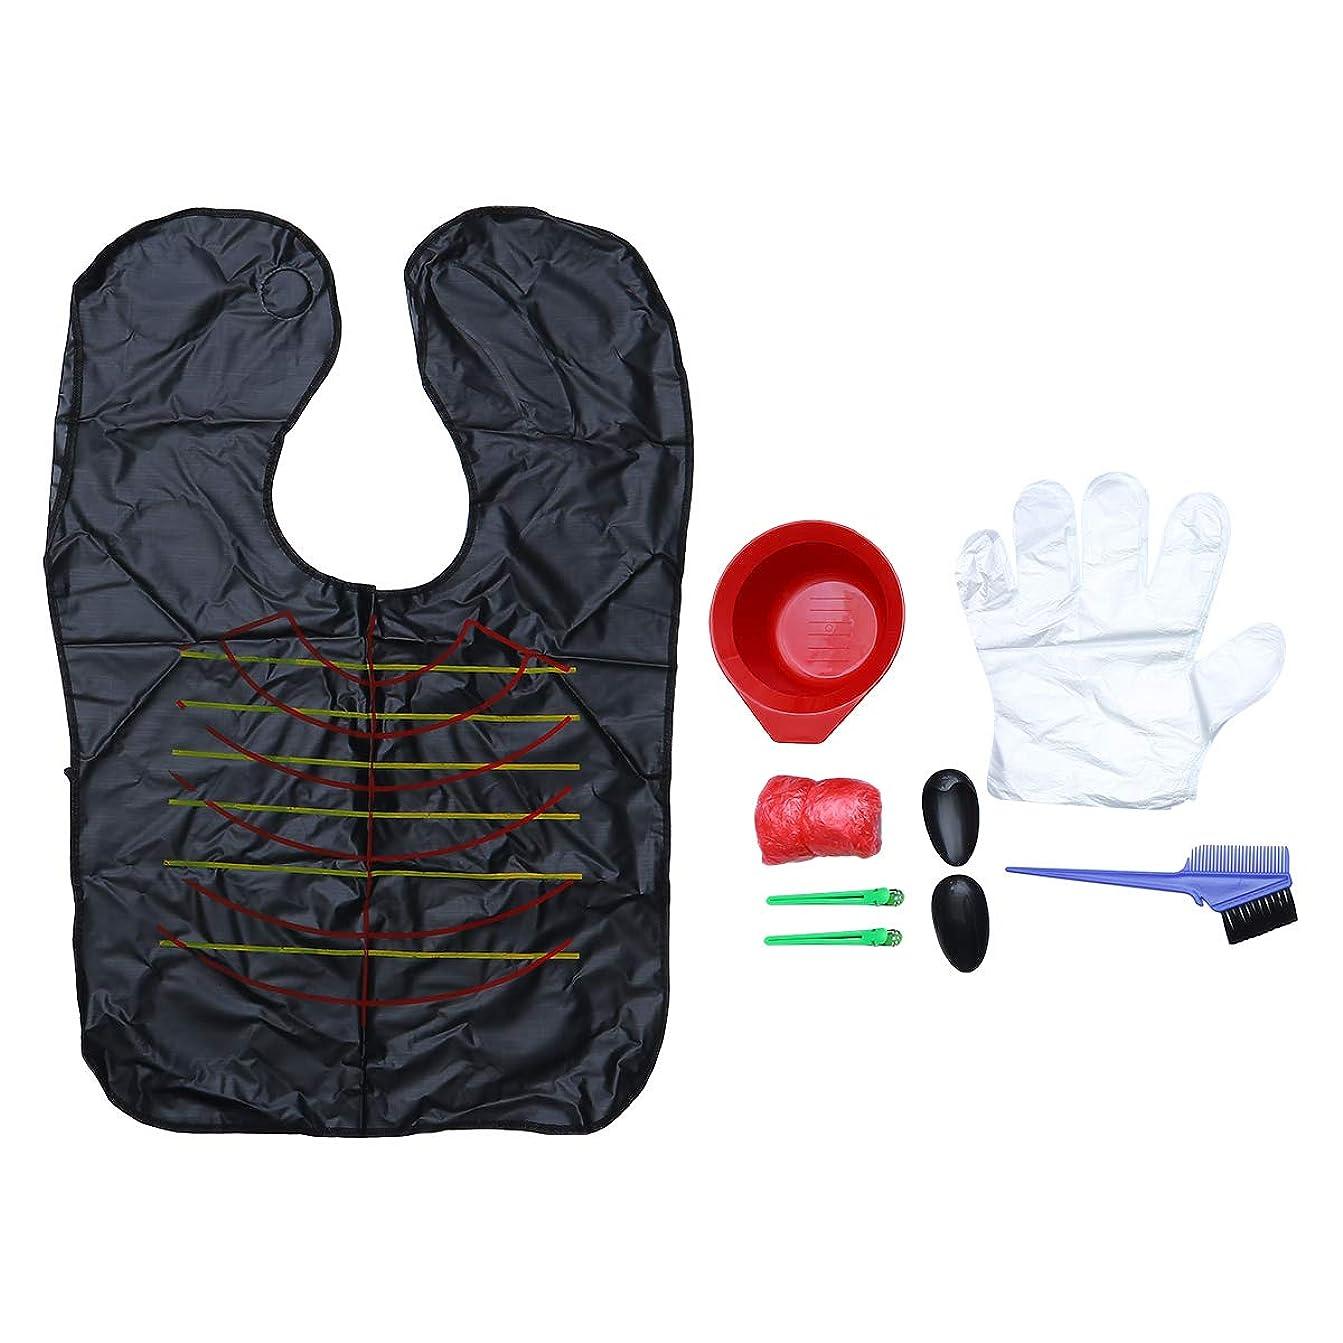 スーパーファンシー振り子Healifty 9Pcsヘアダイカラーリングキットヘアダイブラシボウルケープイヤーカバーヘアクリップヘアカラー手袋家庭用(ブラシ、ランダムカラー用クリップ)